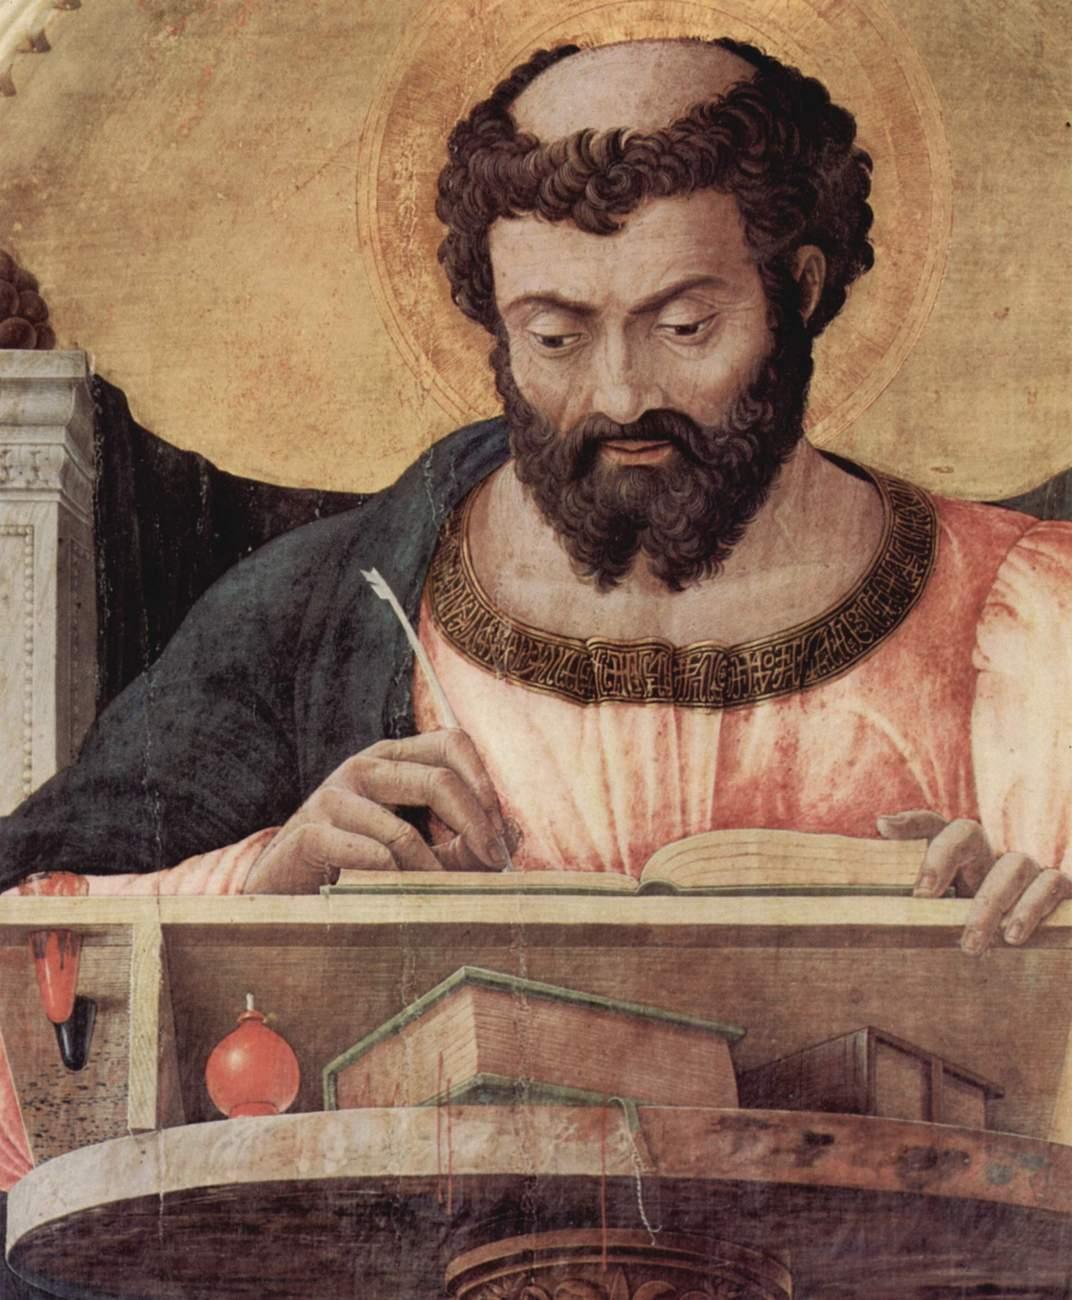 Sv. Luka, evanđelist, po predaji je bio liječnik. Sveti Luka je zaštitnik liječnika, kirurga, umjetnika, slikara, kipara, pisara, zlatara, mesara, neoženjenih muškaraca, izrađivača stakla i čipke. Lukin grob časti se u Padovi u Italiji, u bazilici svete Justine. Blagdan svetog Luke u Rimokatoličkoj Crkvi je 18. listopada, a istoga ga datuma slave i pravoslavne crkve (ako koriste julijanski kalendar, to je prema gregorijanskom 31. listopada).